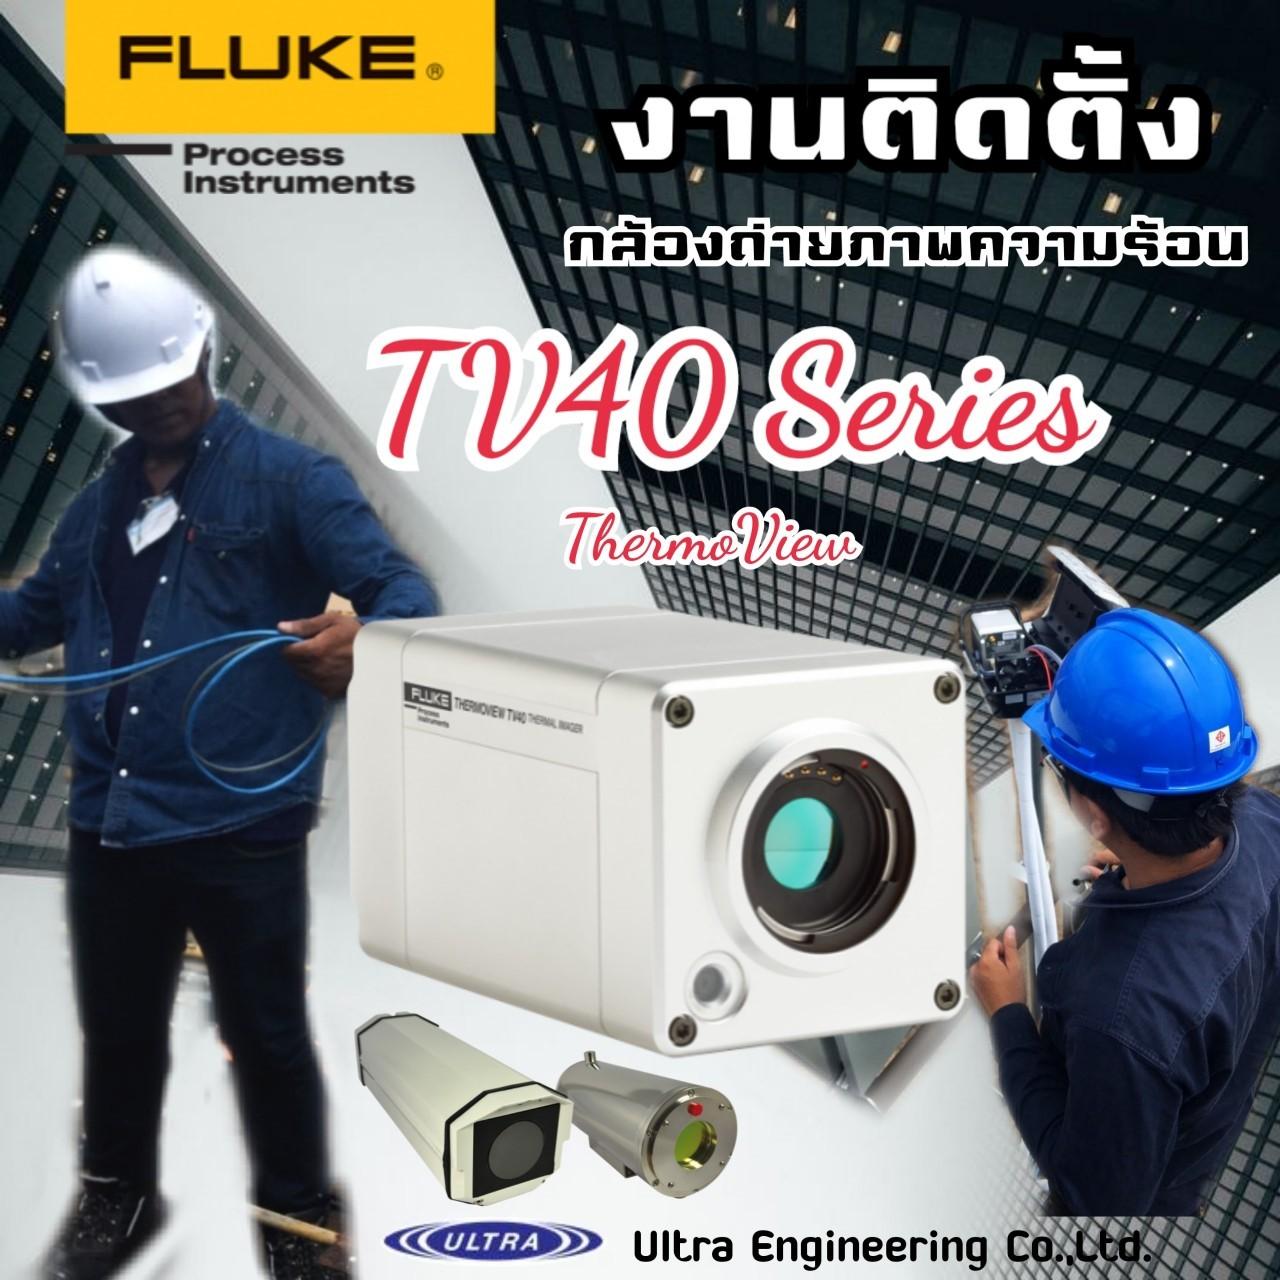 ประมวลภาพส่งสินค้าพร้อมติดตั้งเครื่องมือกล้องถ่ายภาพความร้อน TV 40 Series